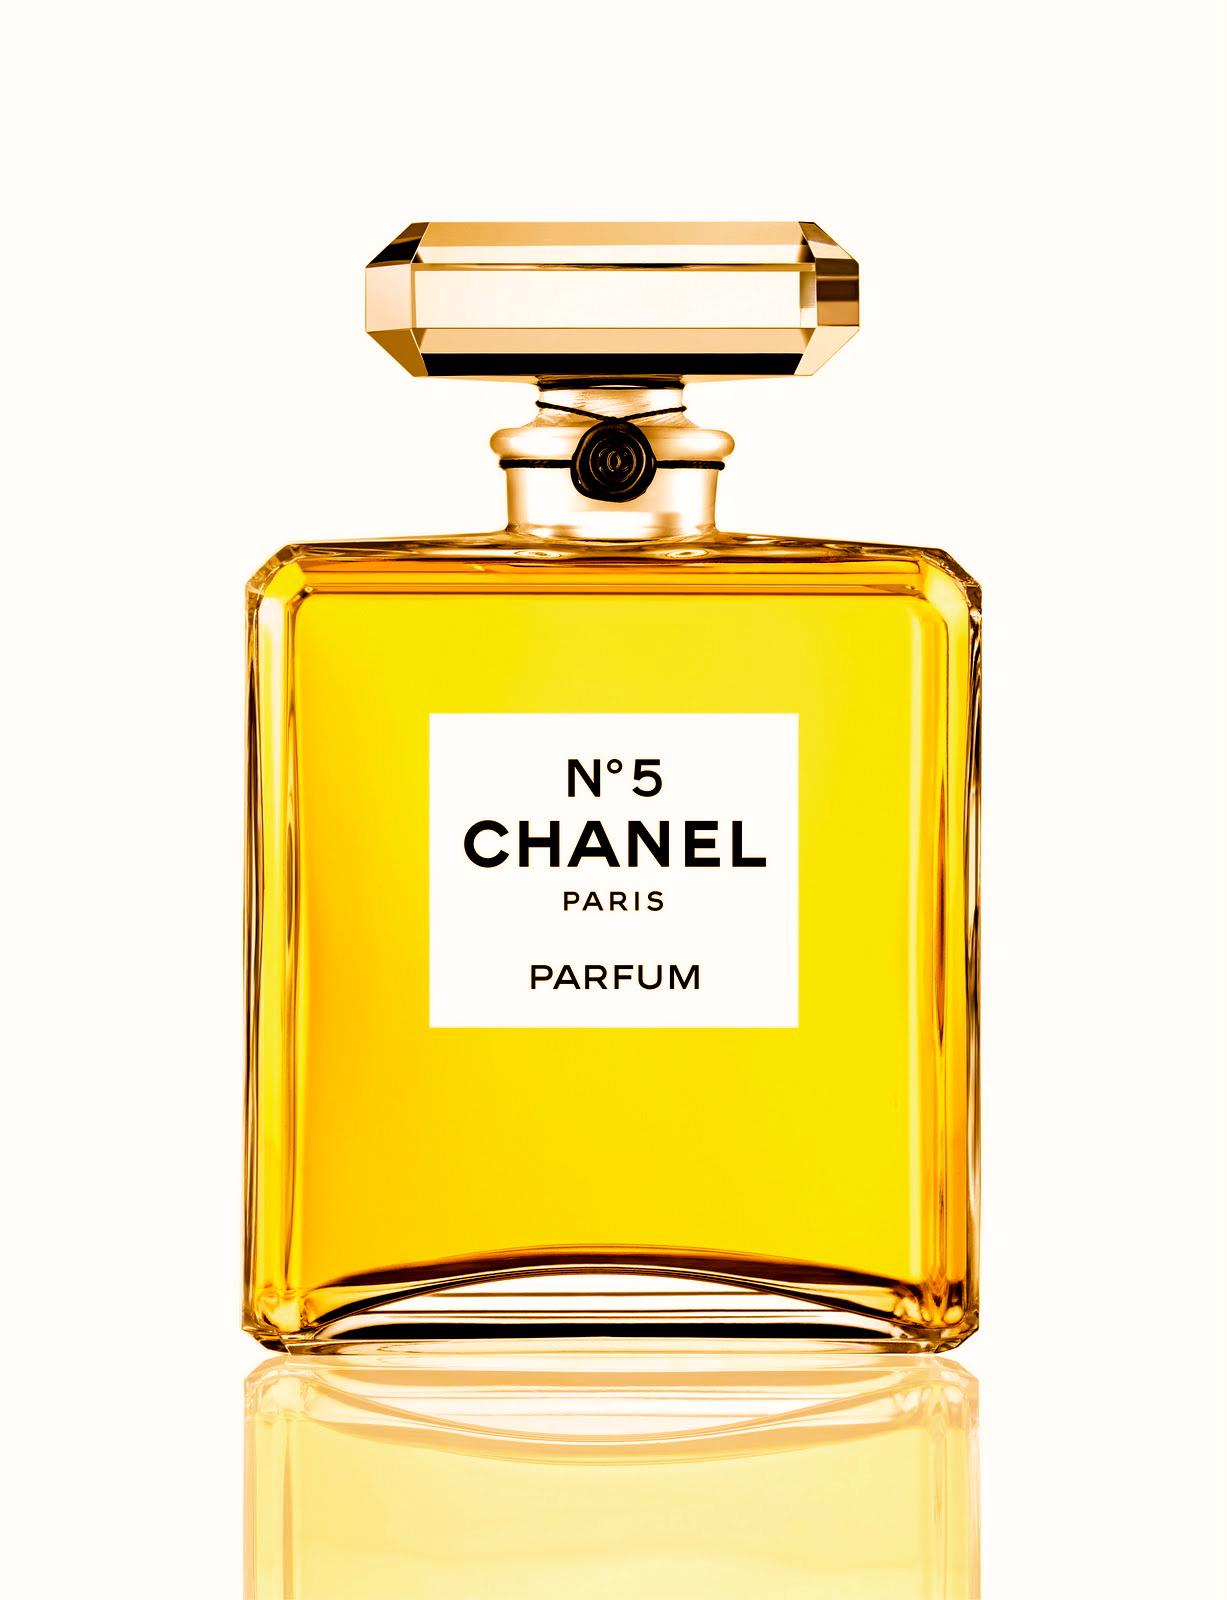 4a2a24a5a6 Chanel No. 5 je nejznámější vůní na světě. Jedná se o elegantní